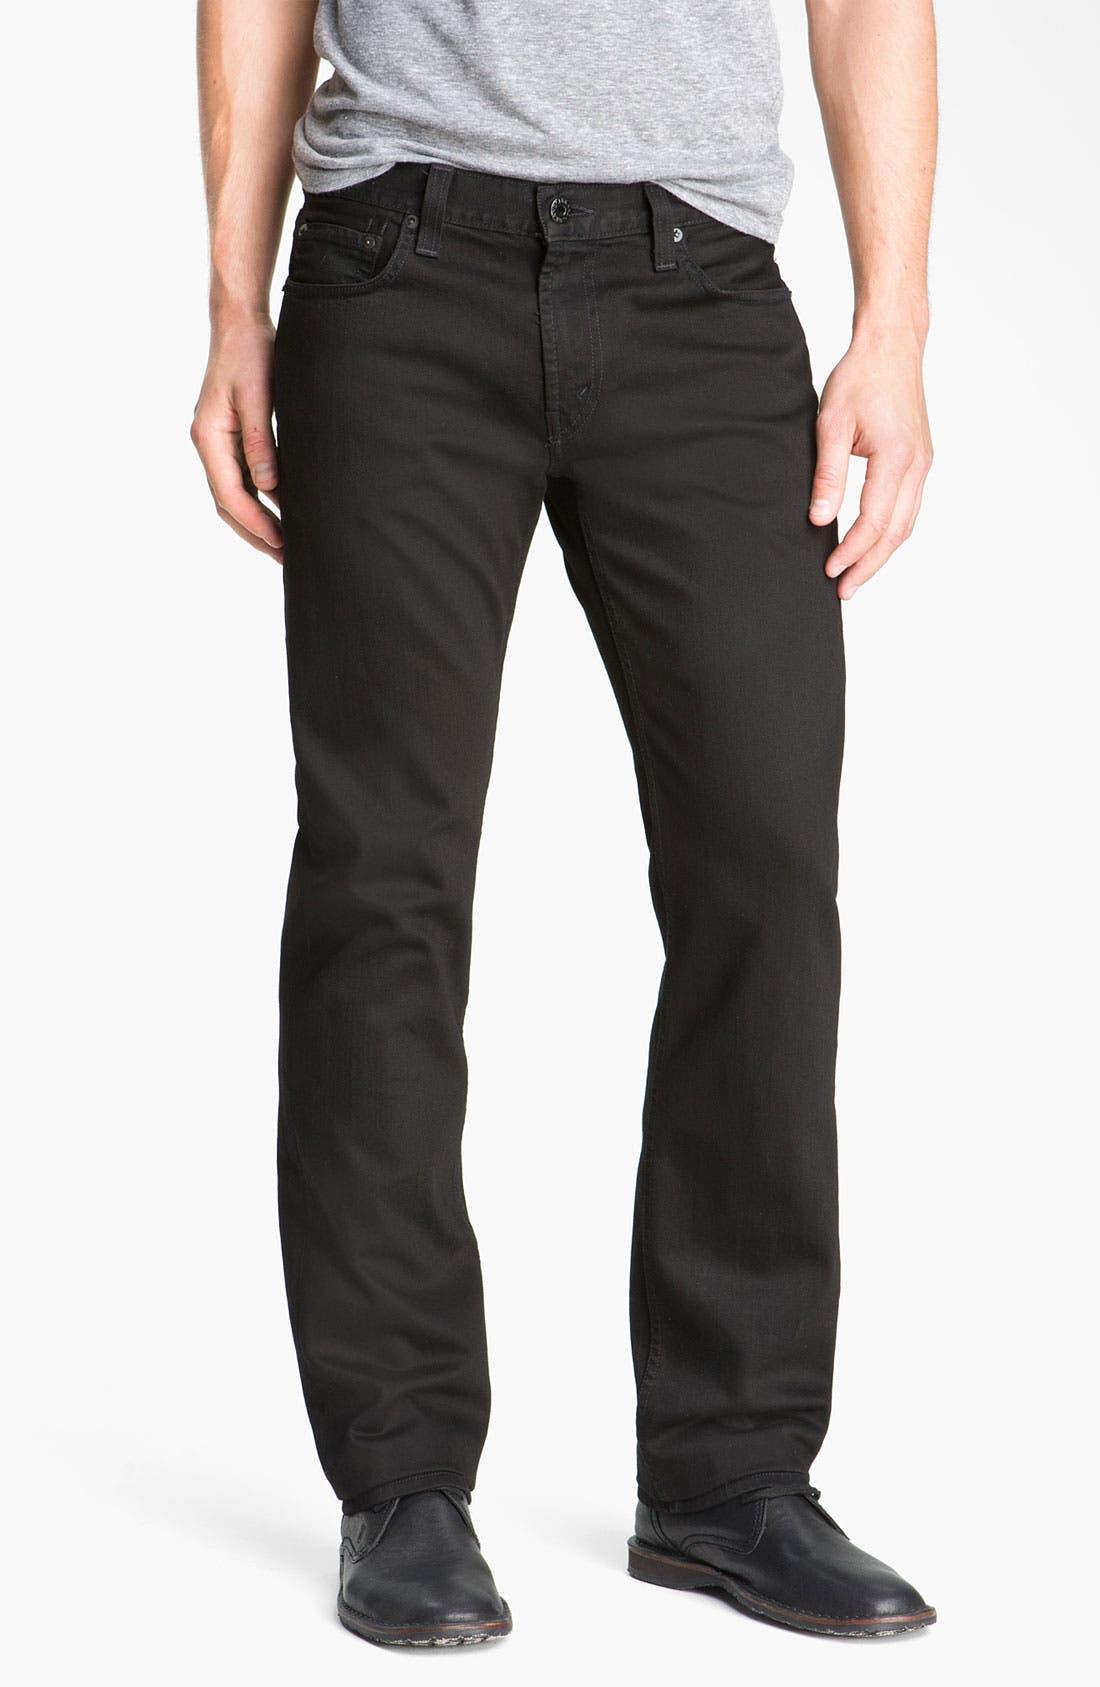 Alternate Image 1 Selected - J Brand 'Kane' Slim Straight Leg Jeans (Phantom Black)